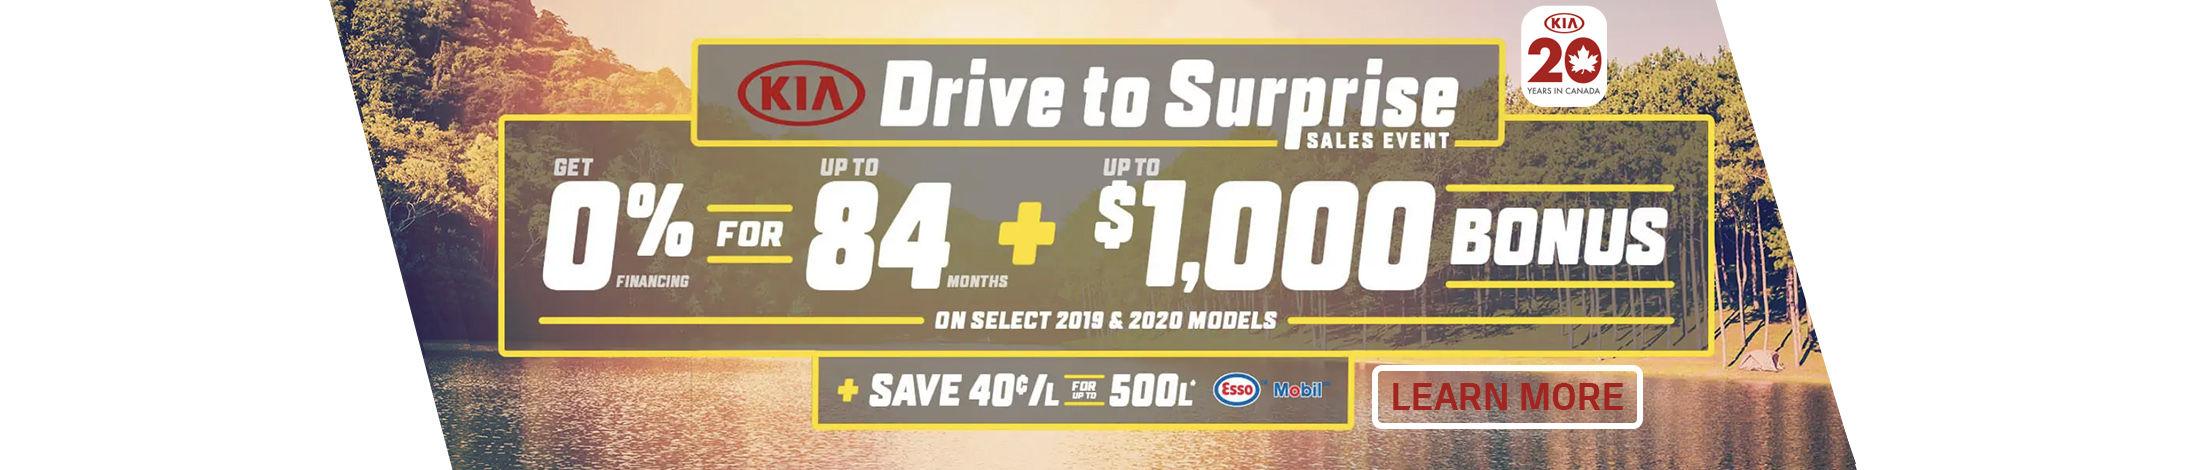 Kia Drive to surprise